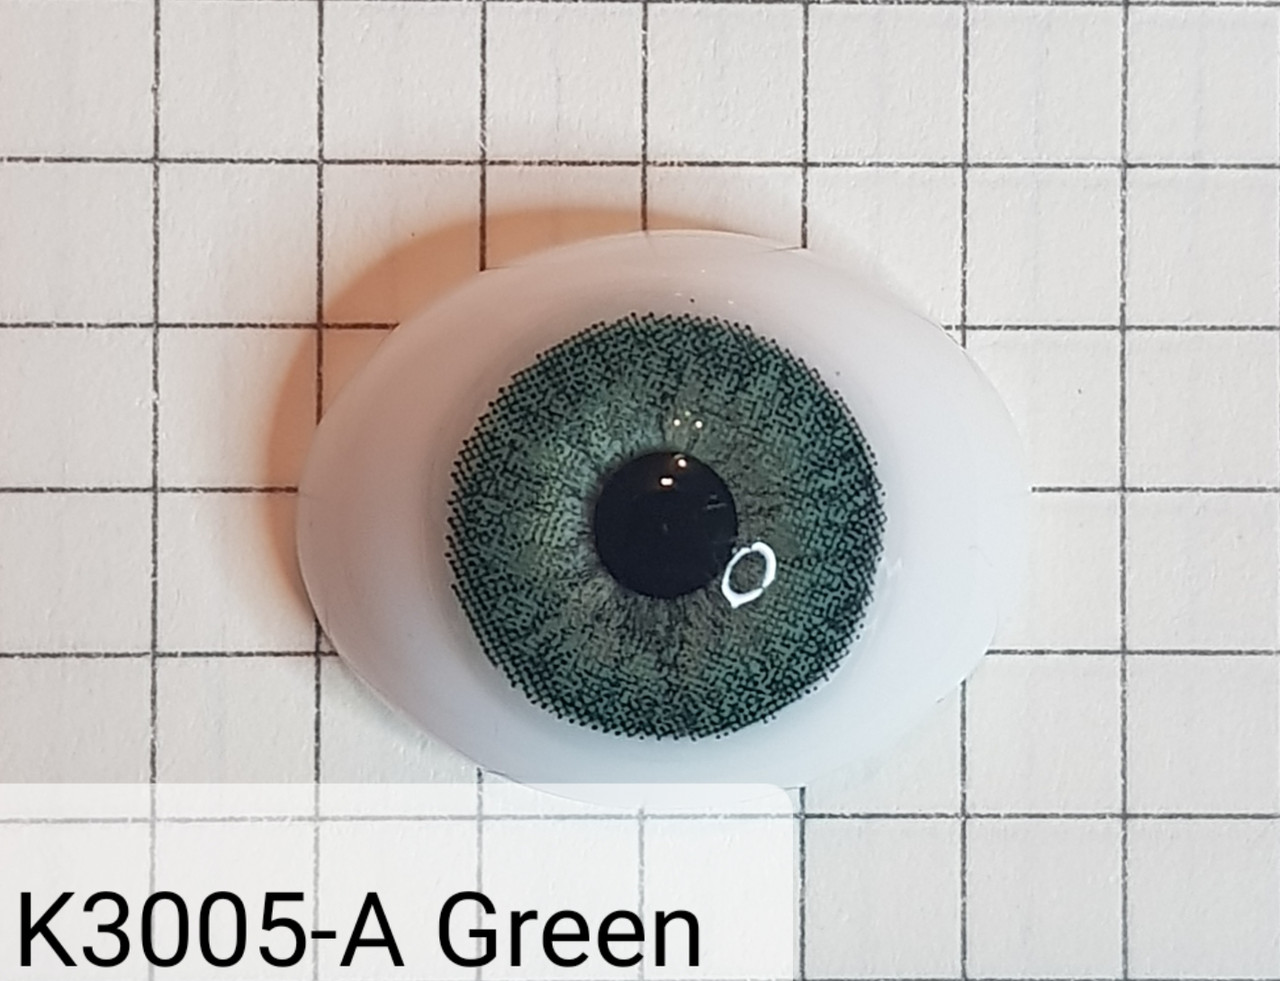 Контактные линзы DOX K3005-A Green -4.50 - фото 3